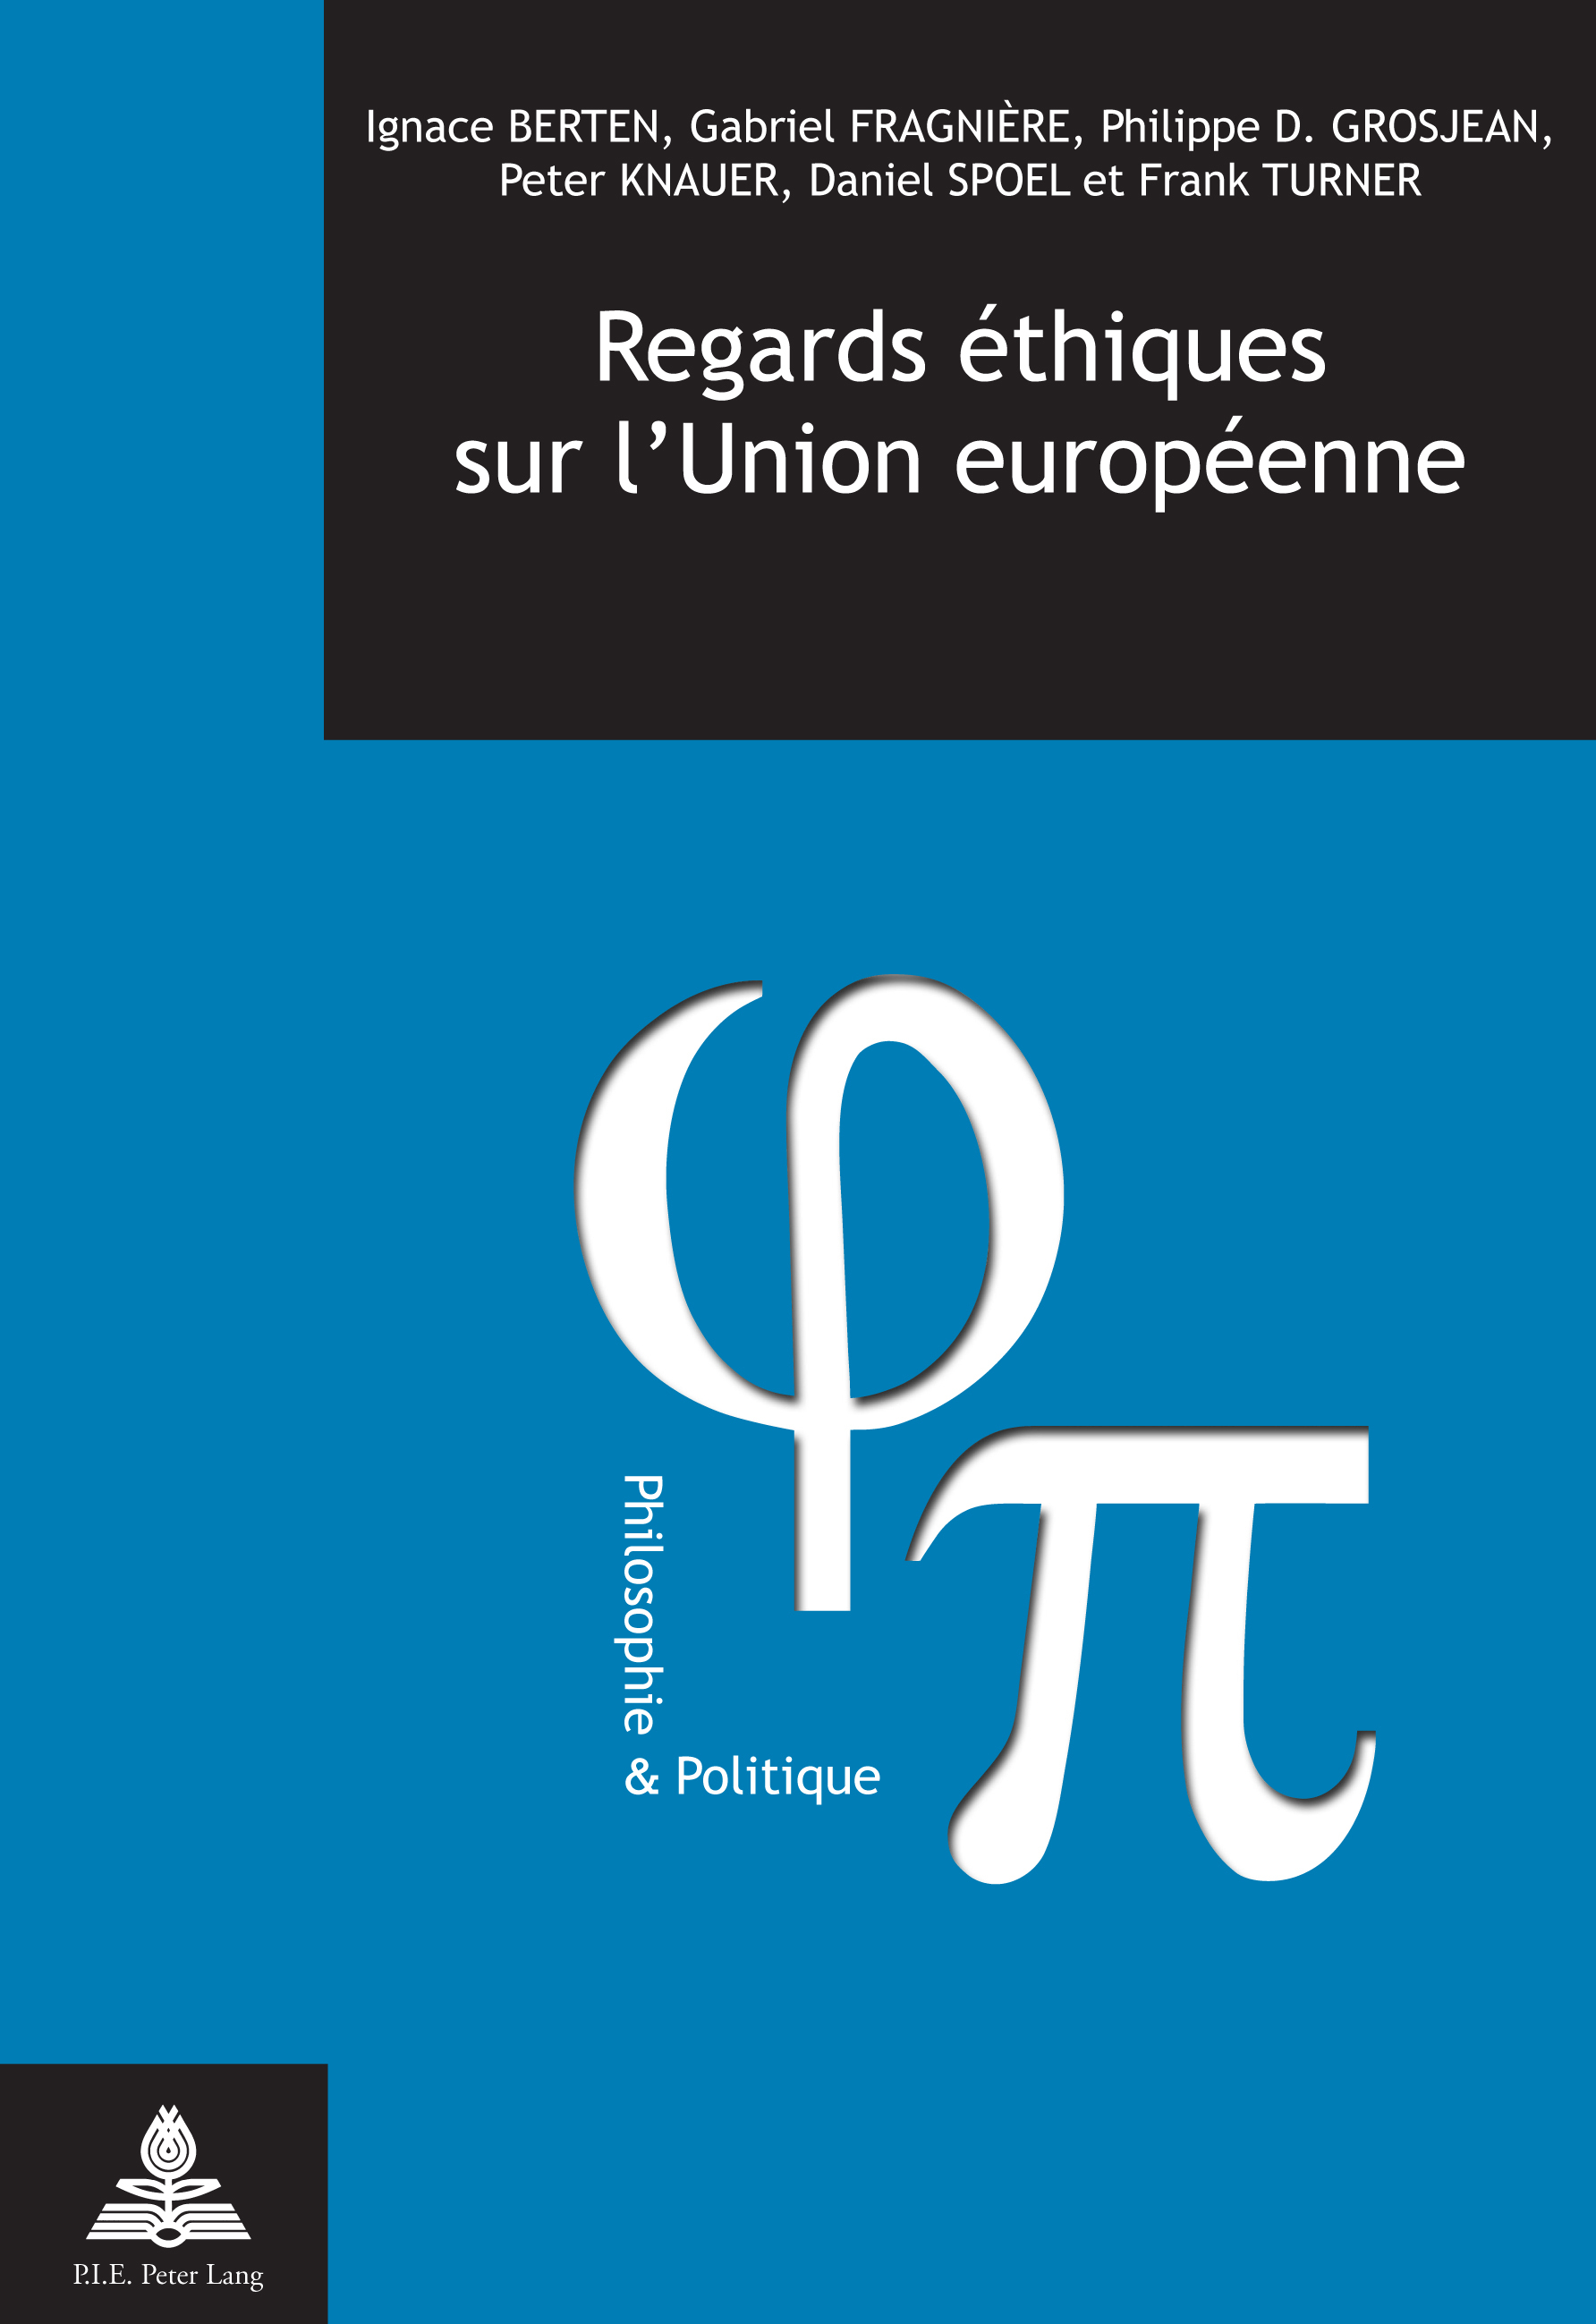 REGARDS ETHIQUES SUR L'UNION EUROPEENNE